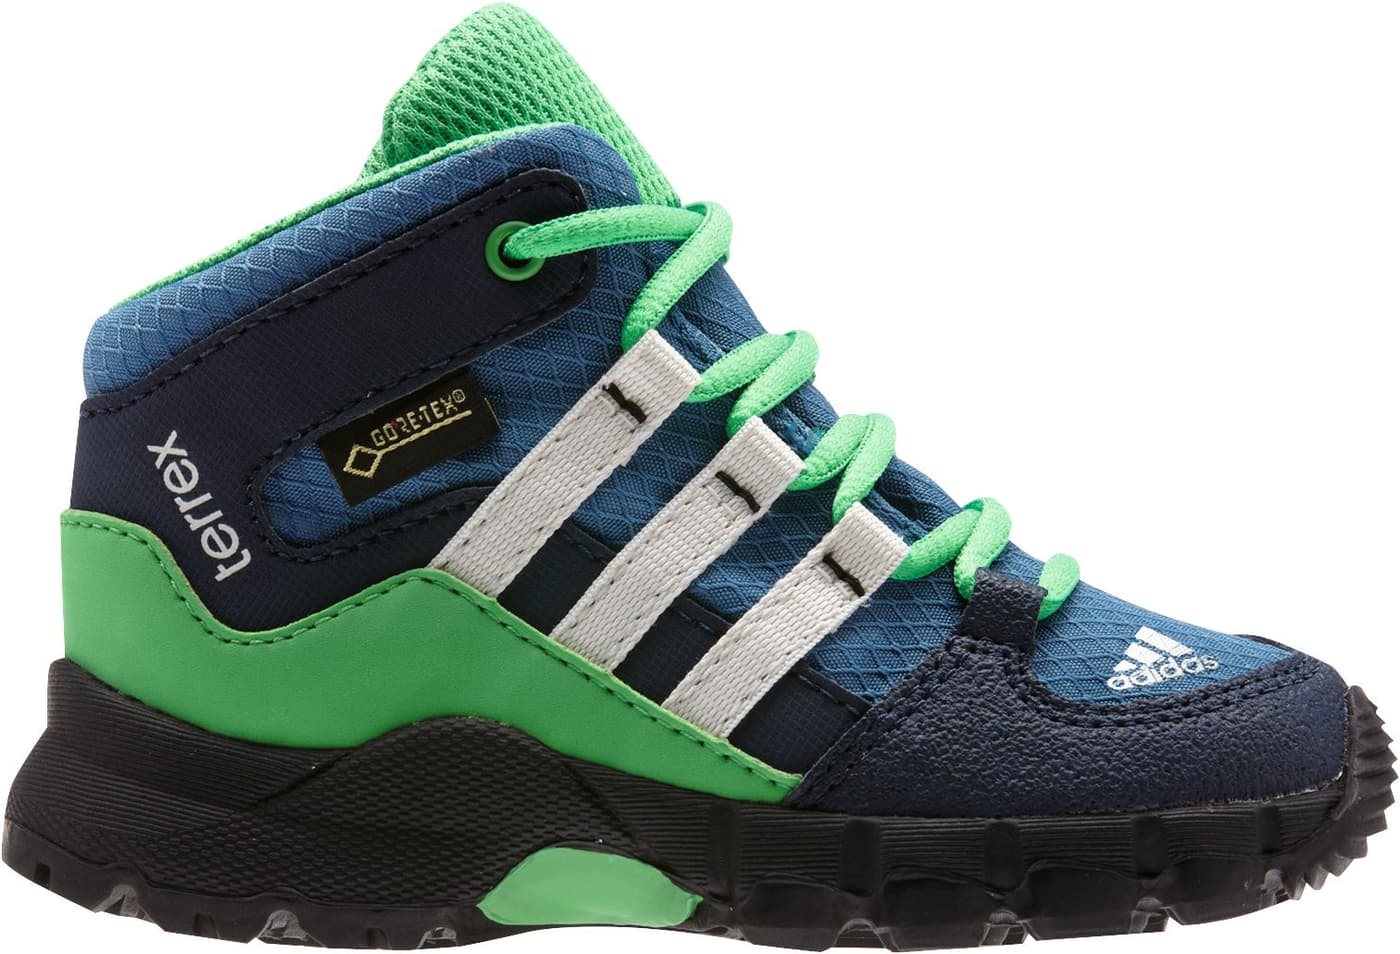 Pour Randonnée Terrex Adidas De Enfant Mid Gtx I Chaussures Tcu1lK3JF